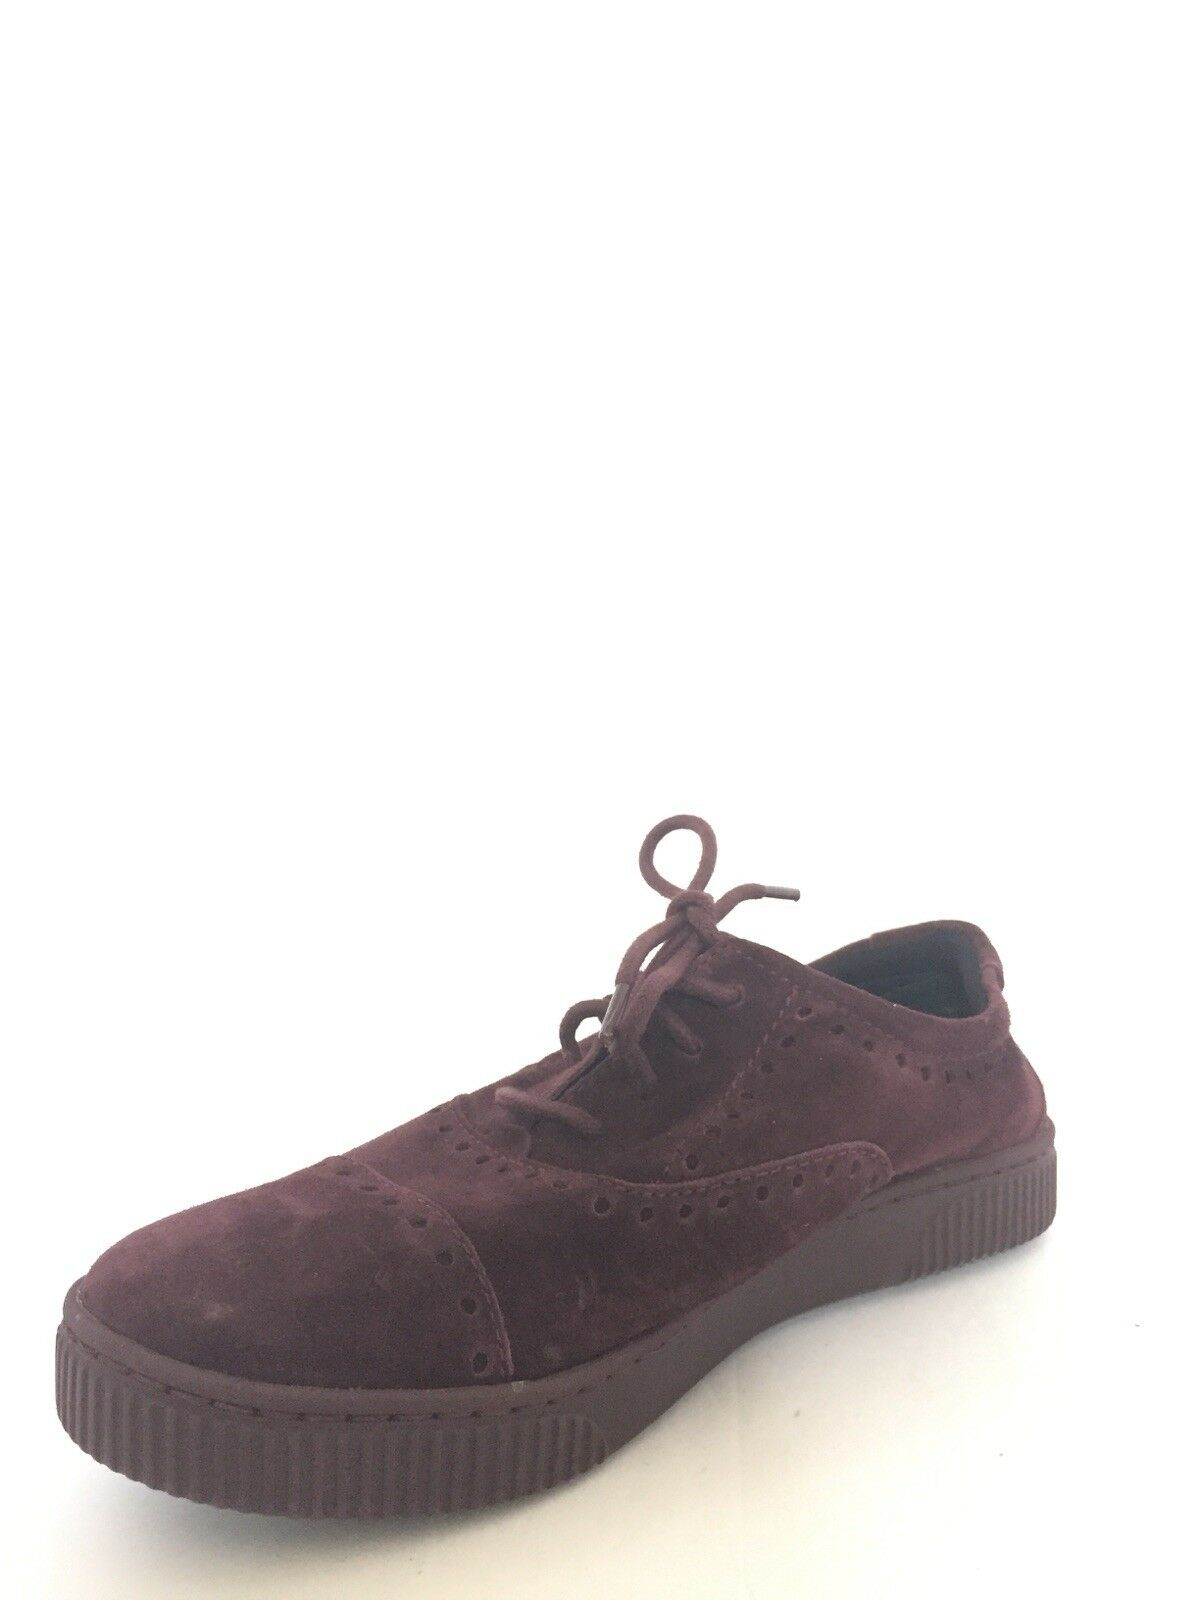 Nouveau Né pour femme Taille 7 bordeaux en cuir et daim Oxford Baskets chaussures De Sport